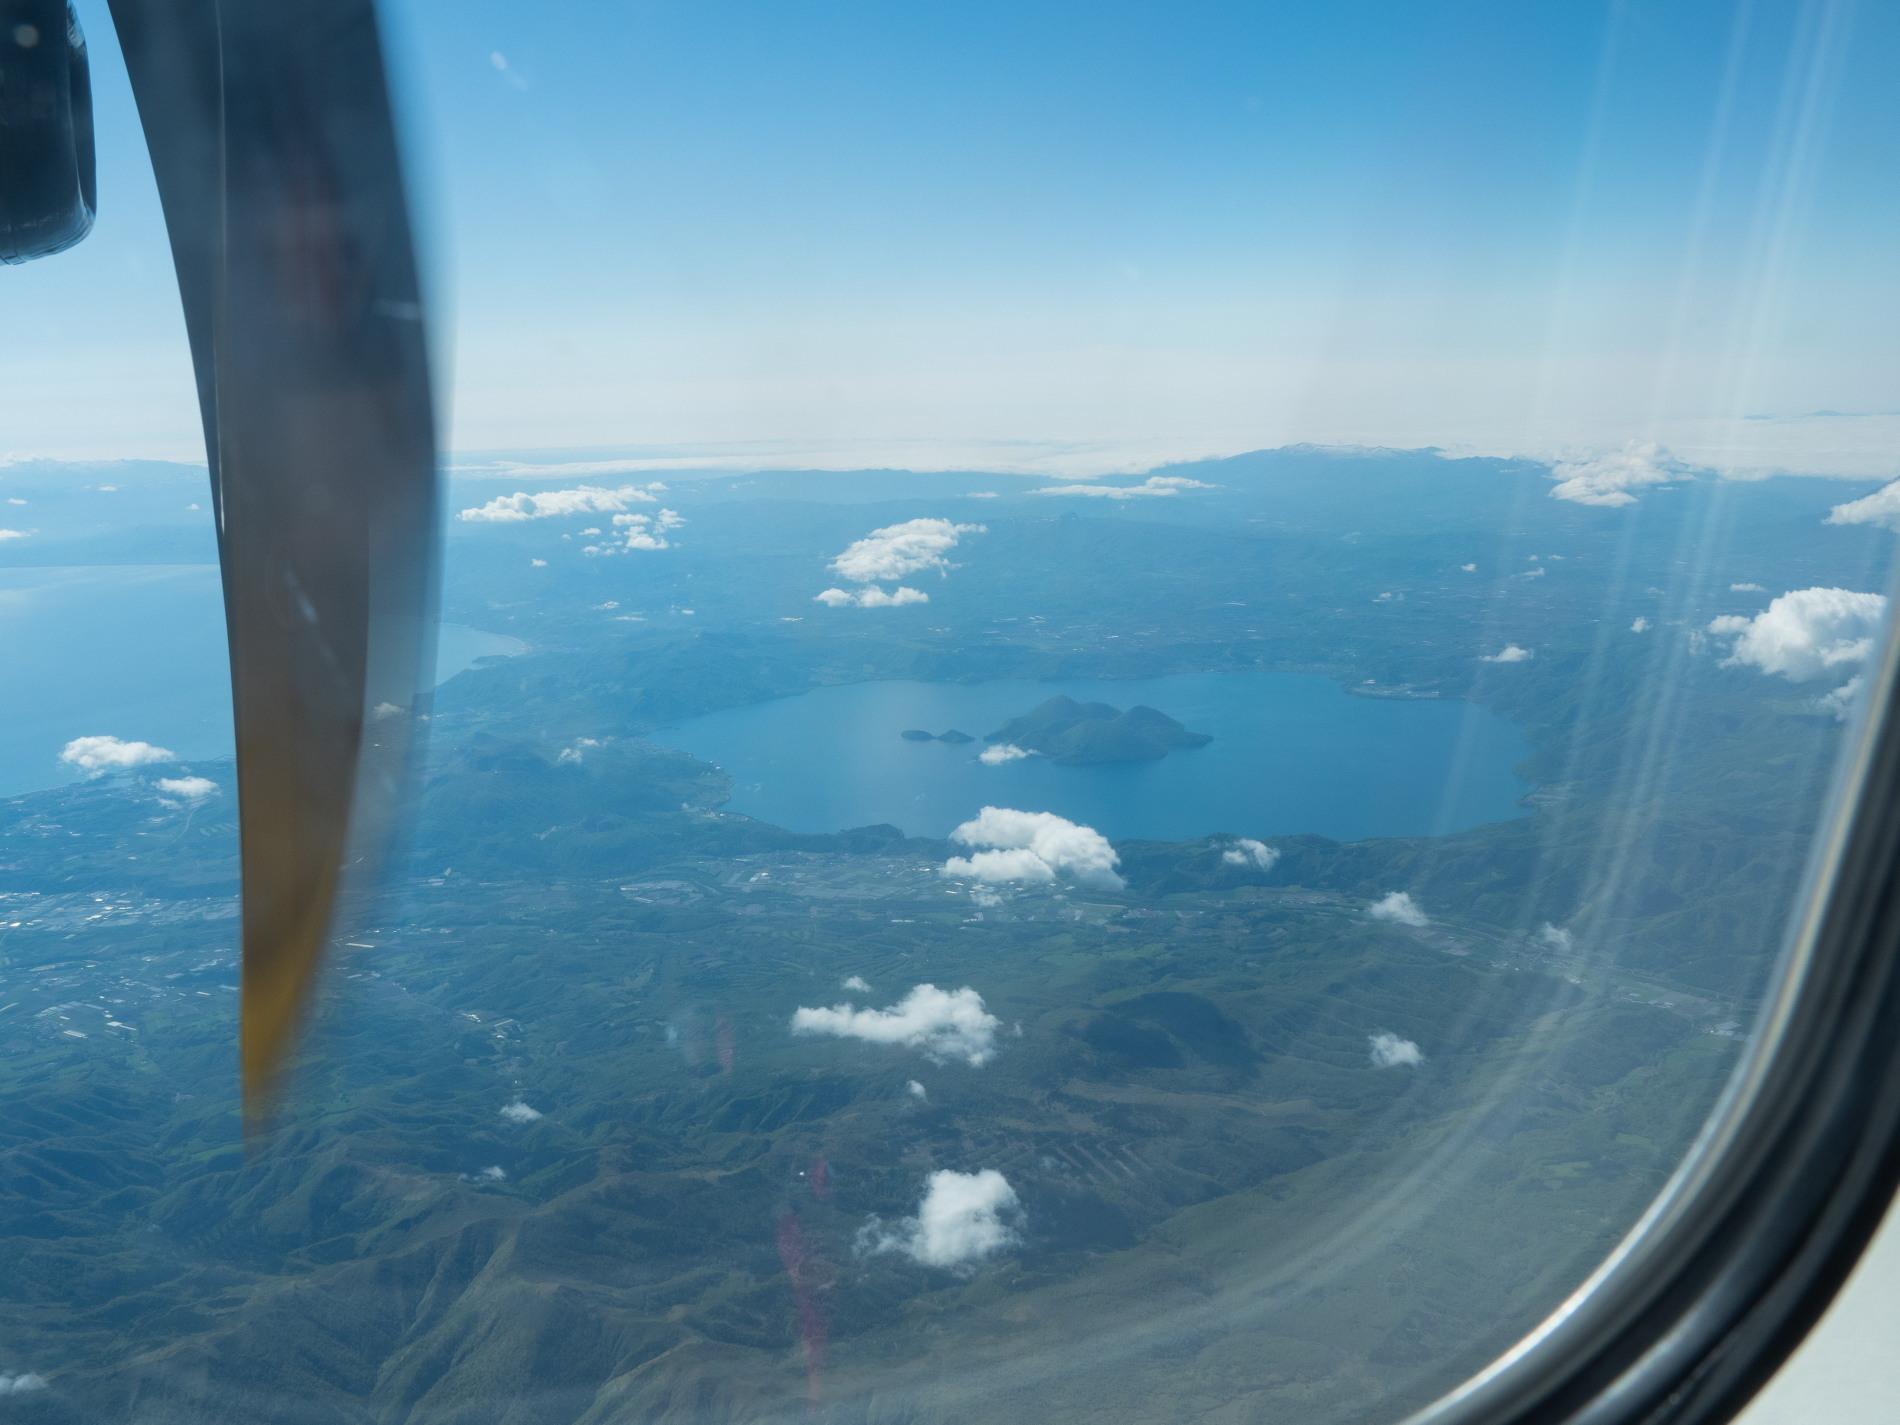 北海道エアシステムの新機材ATR42に乗って・・函館へ(3)_f0276498_22054564.jpg